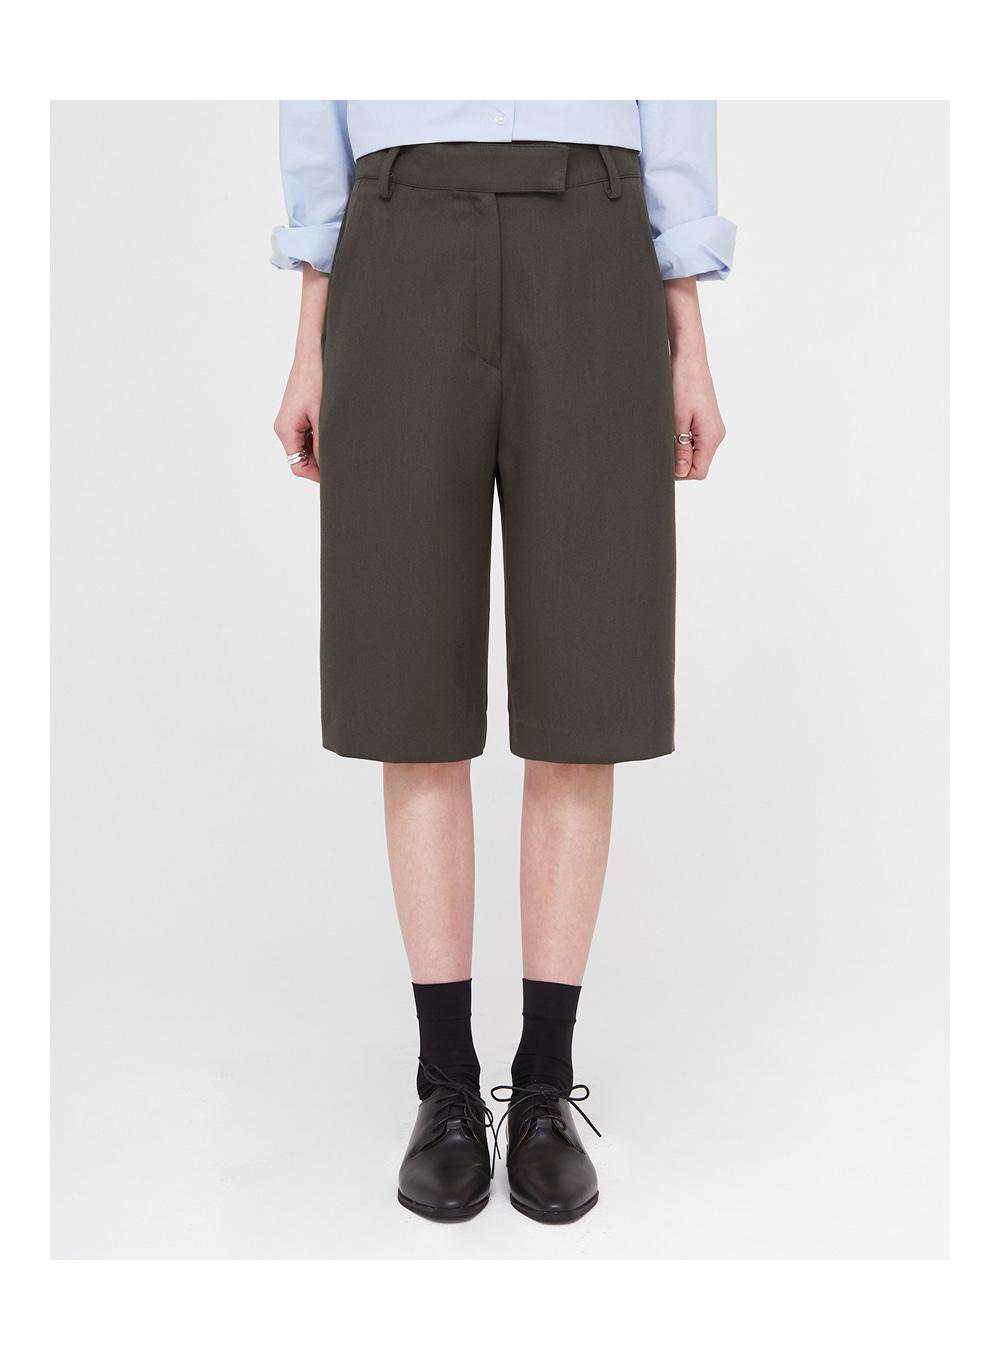 mood some half pants